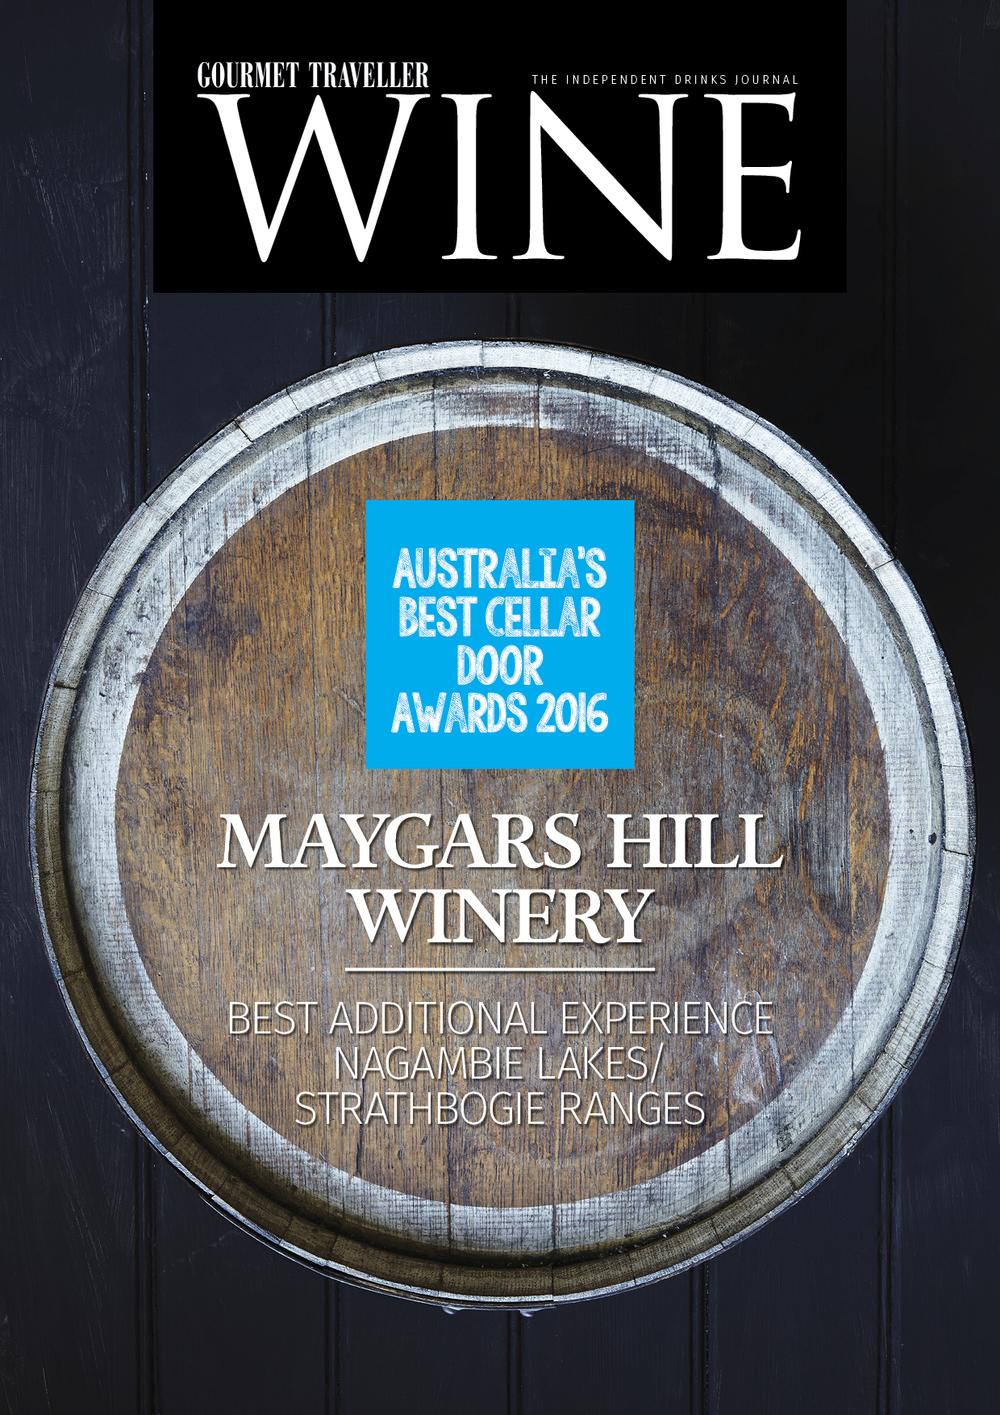 Australia's Best Cellar Door Awards